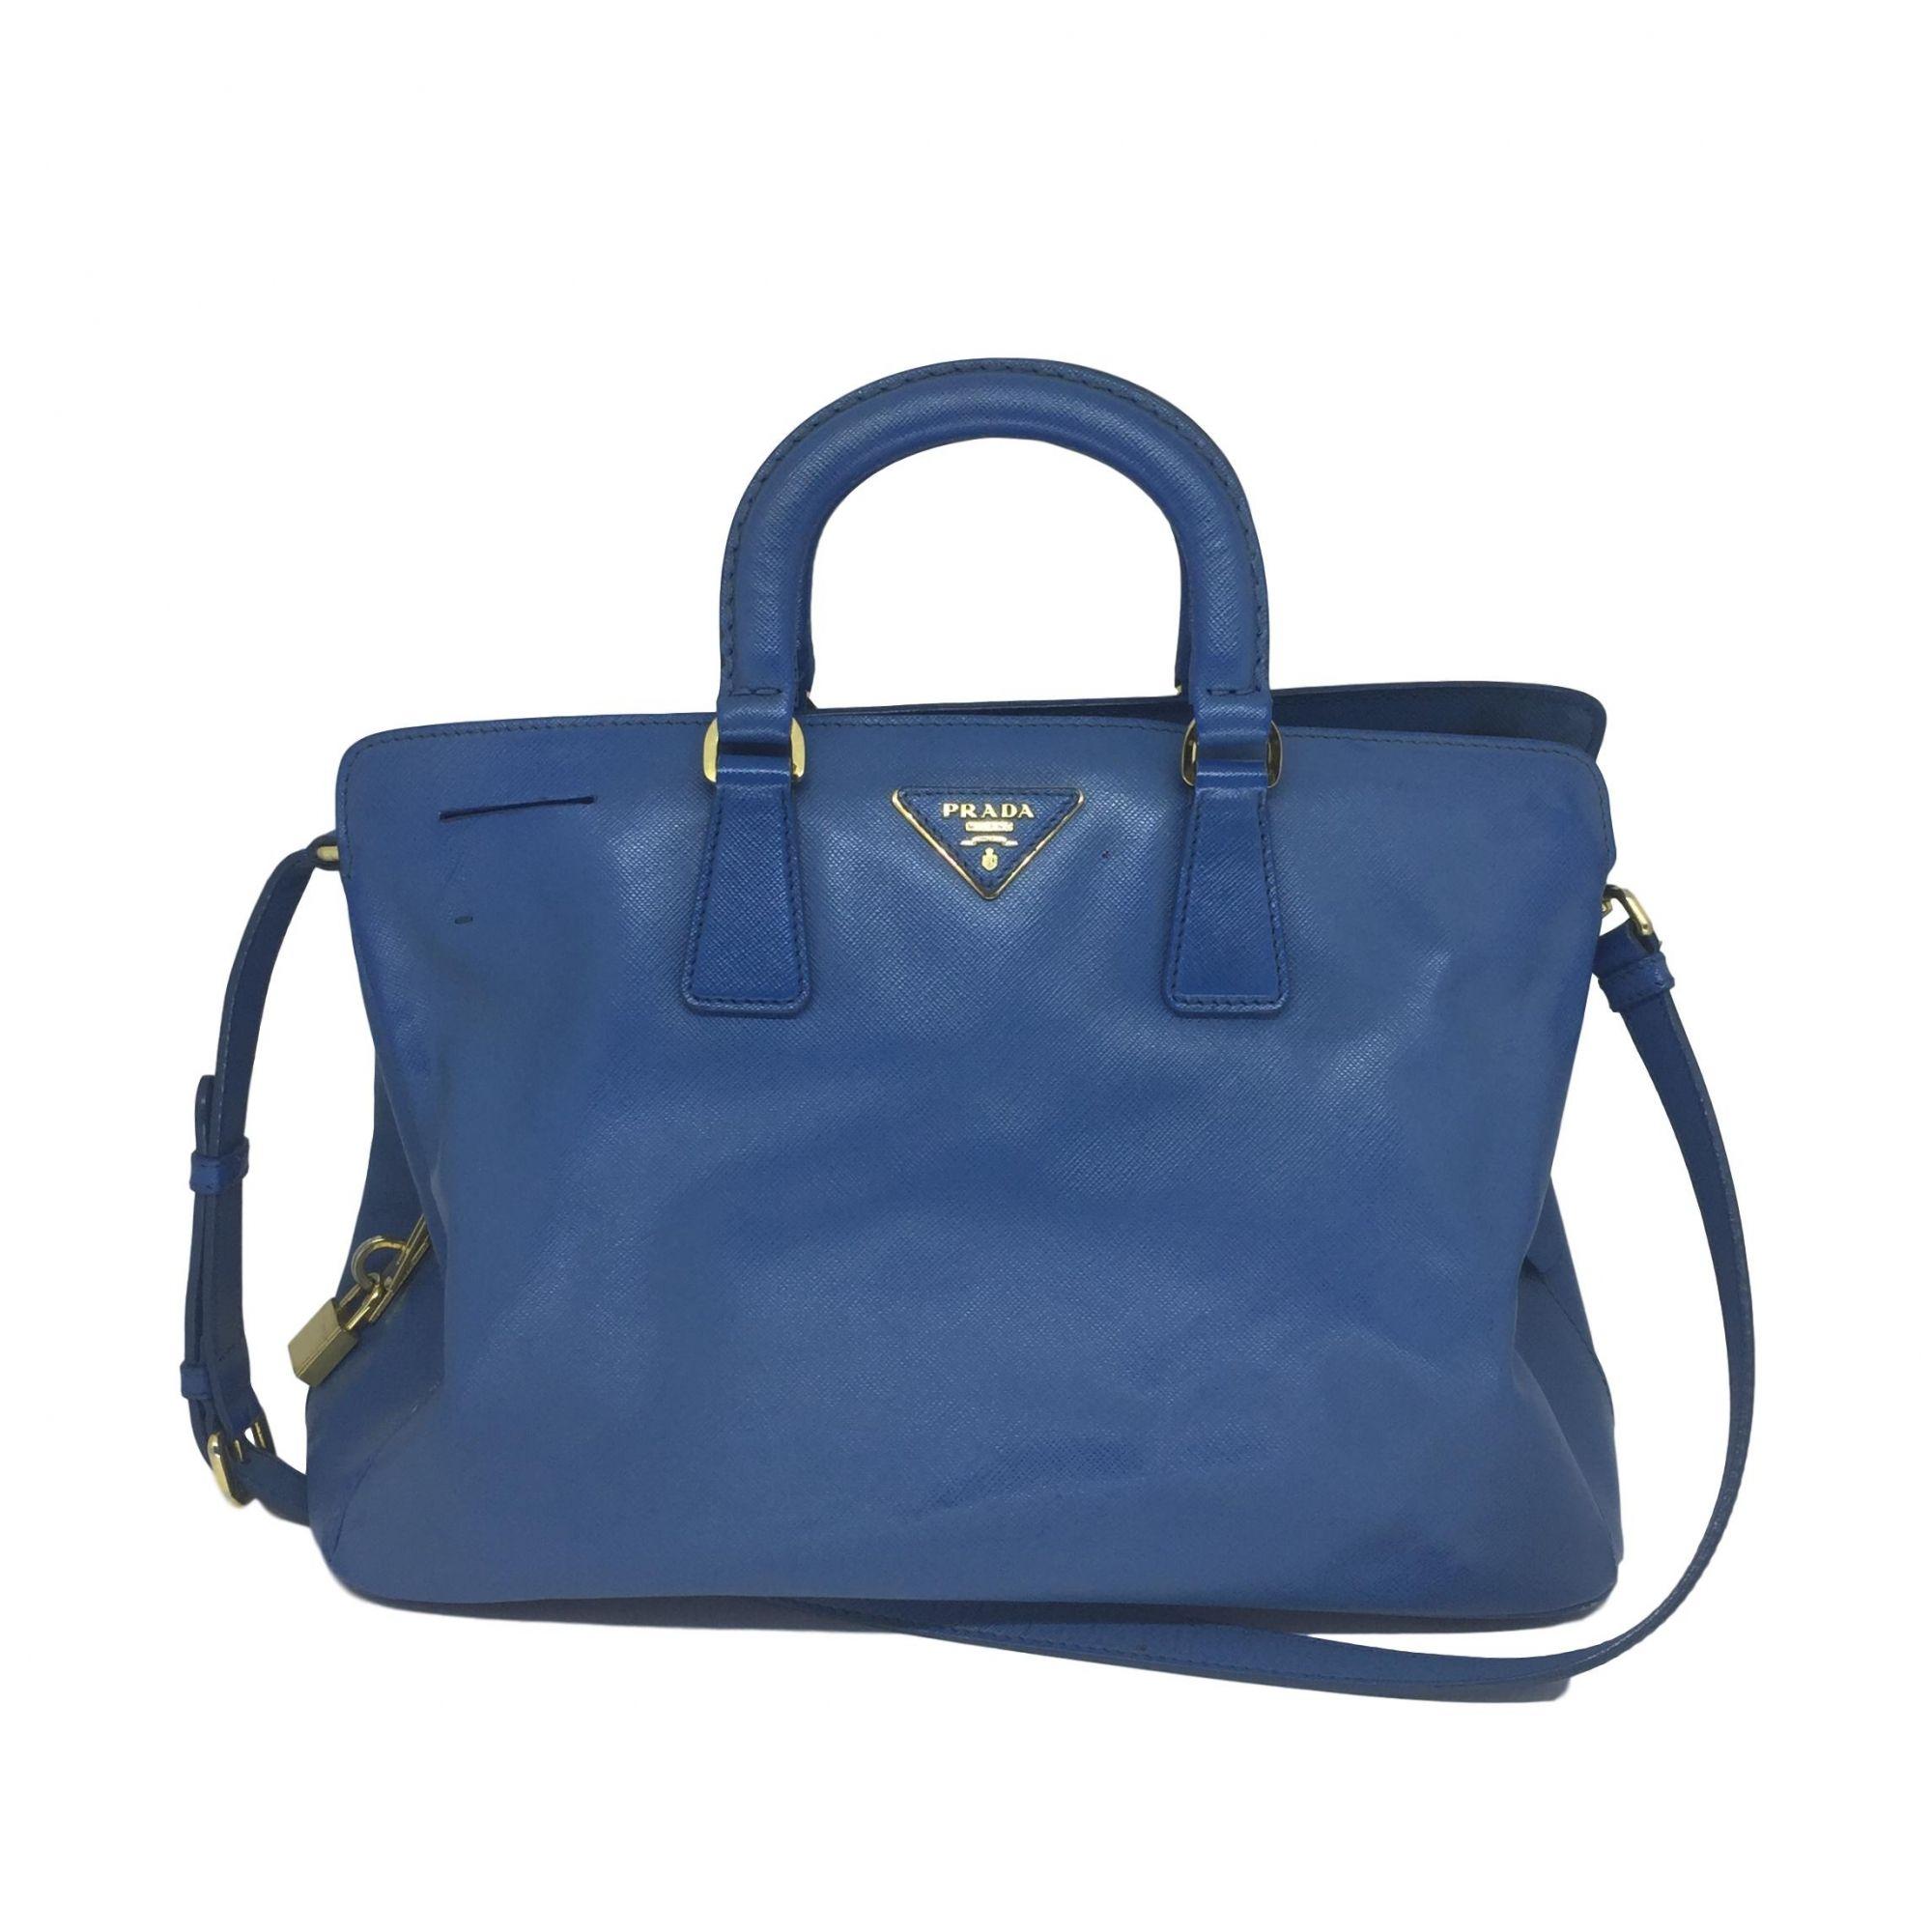 c5dee7636 Bolsa Prada Galleria Saffiano - Paula Frank   Bolsas de luxo ...